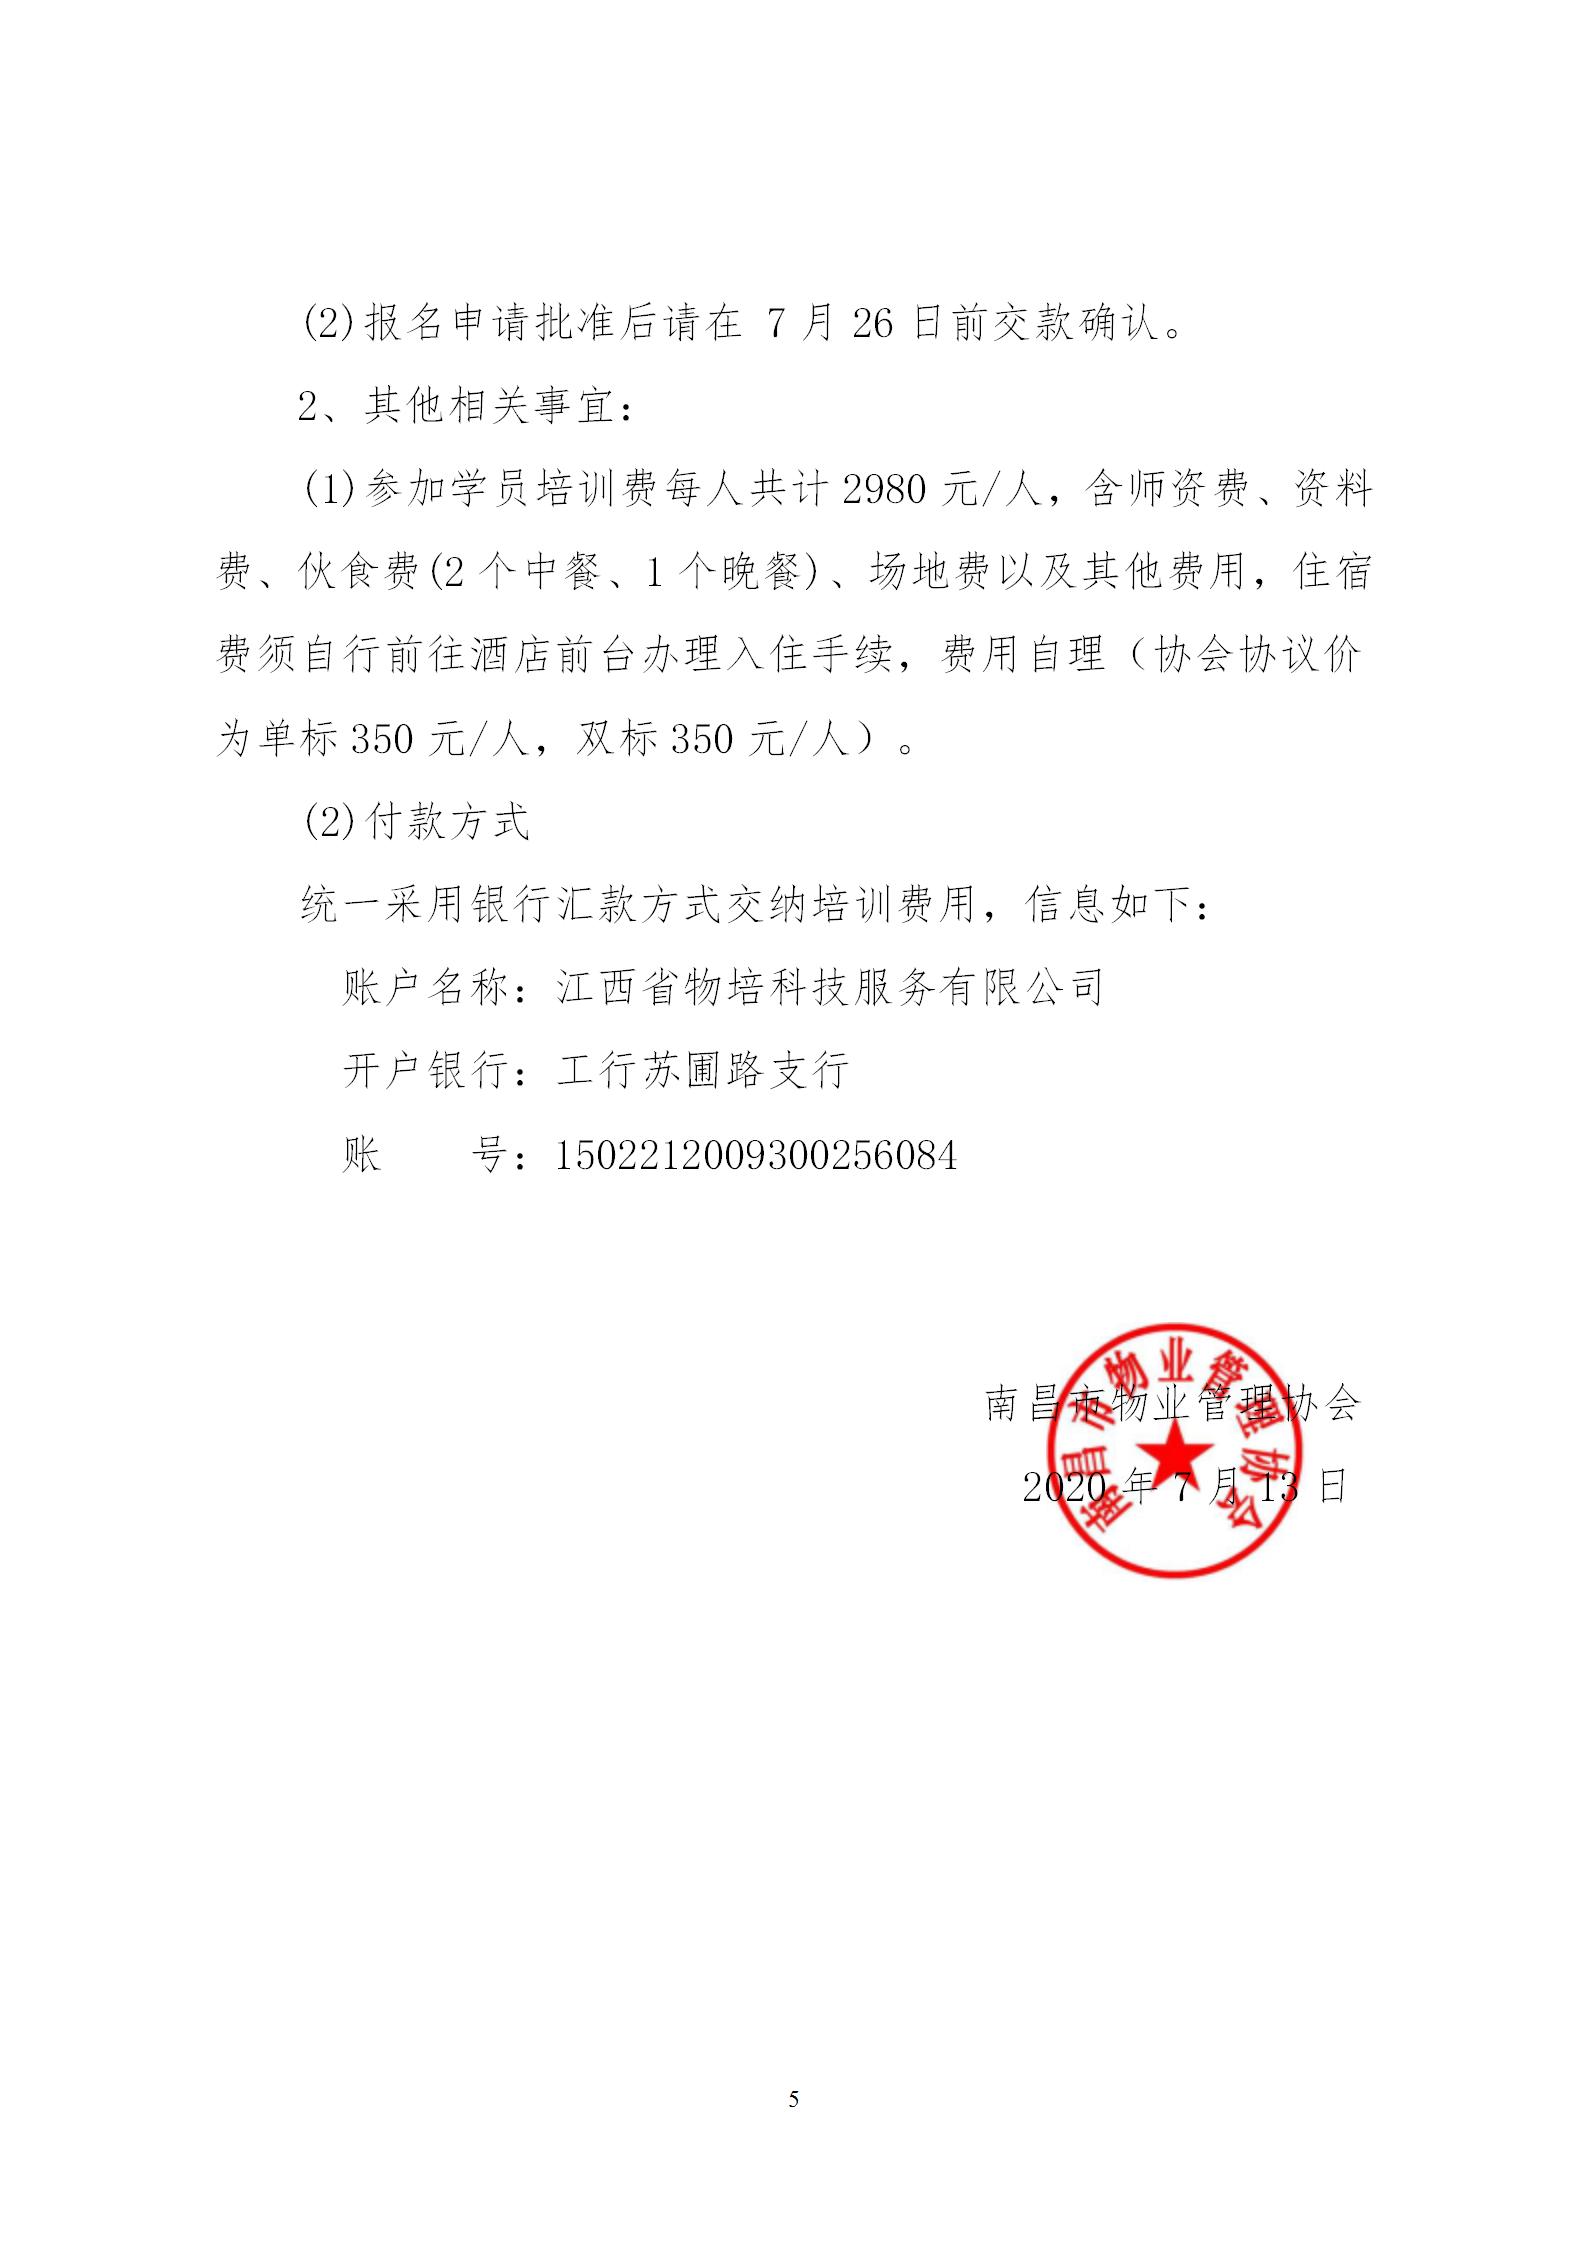 洪物协字[2020]13号关于举办南昌市物业管理行业专家高级研修班的通知_05.png